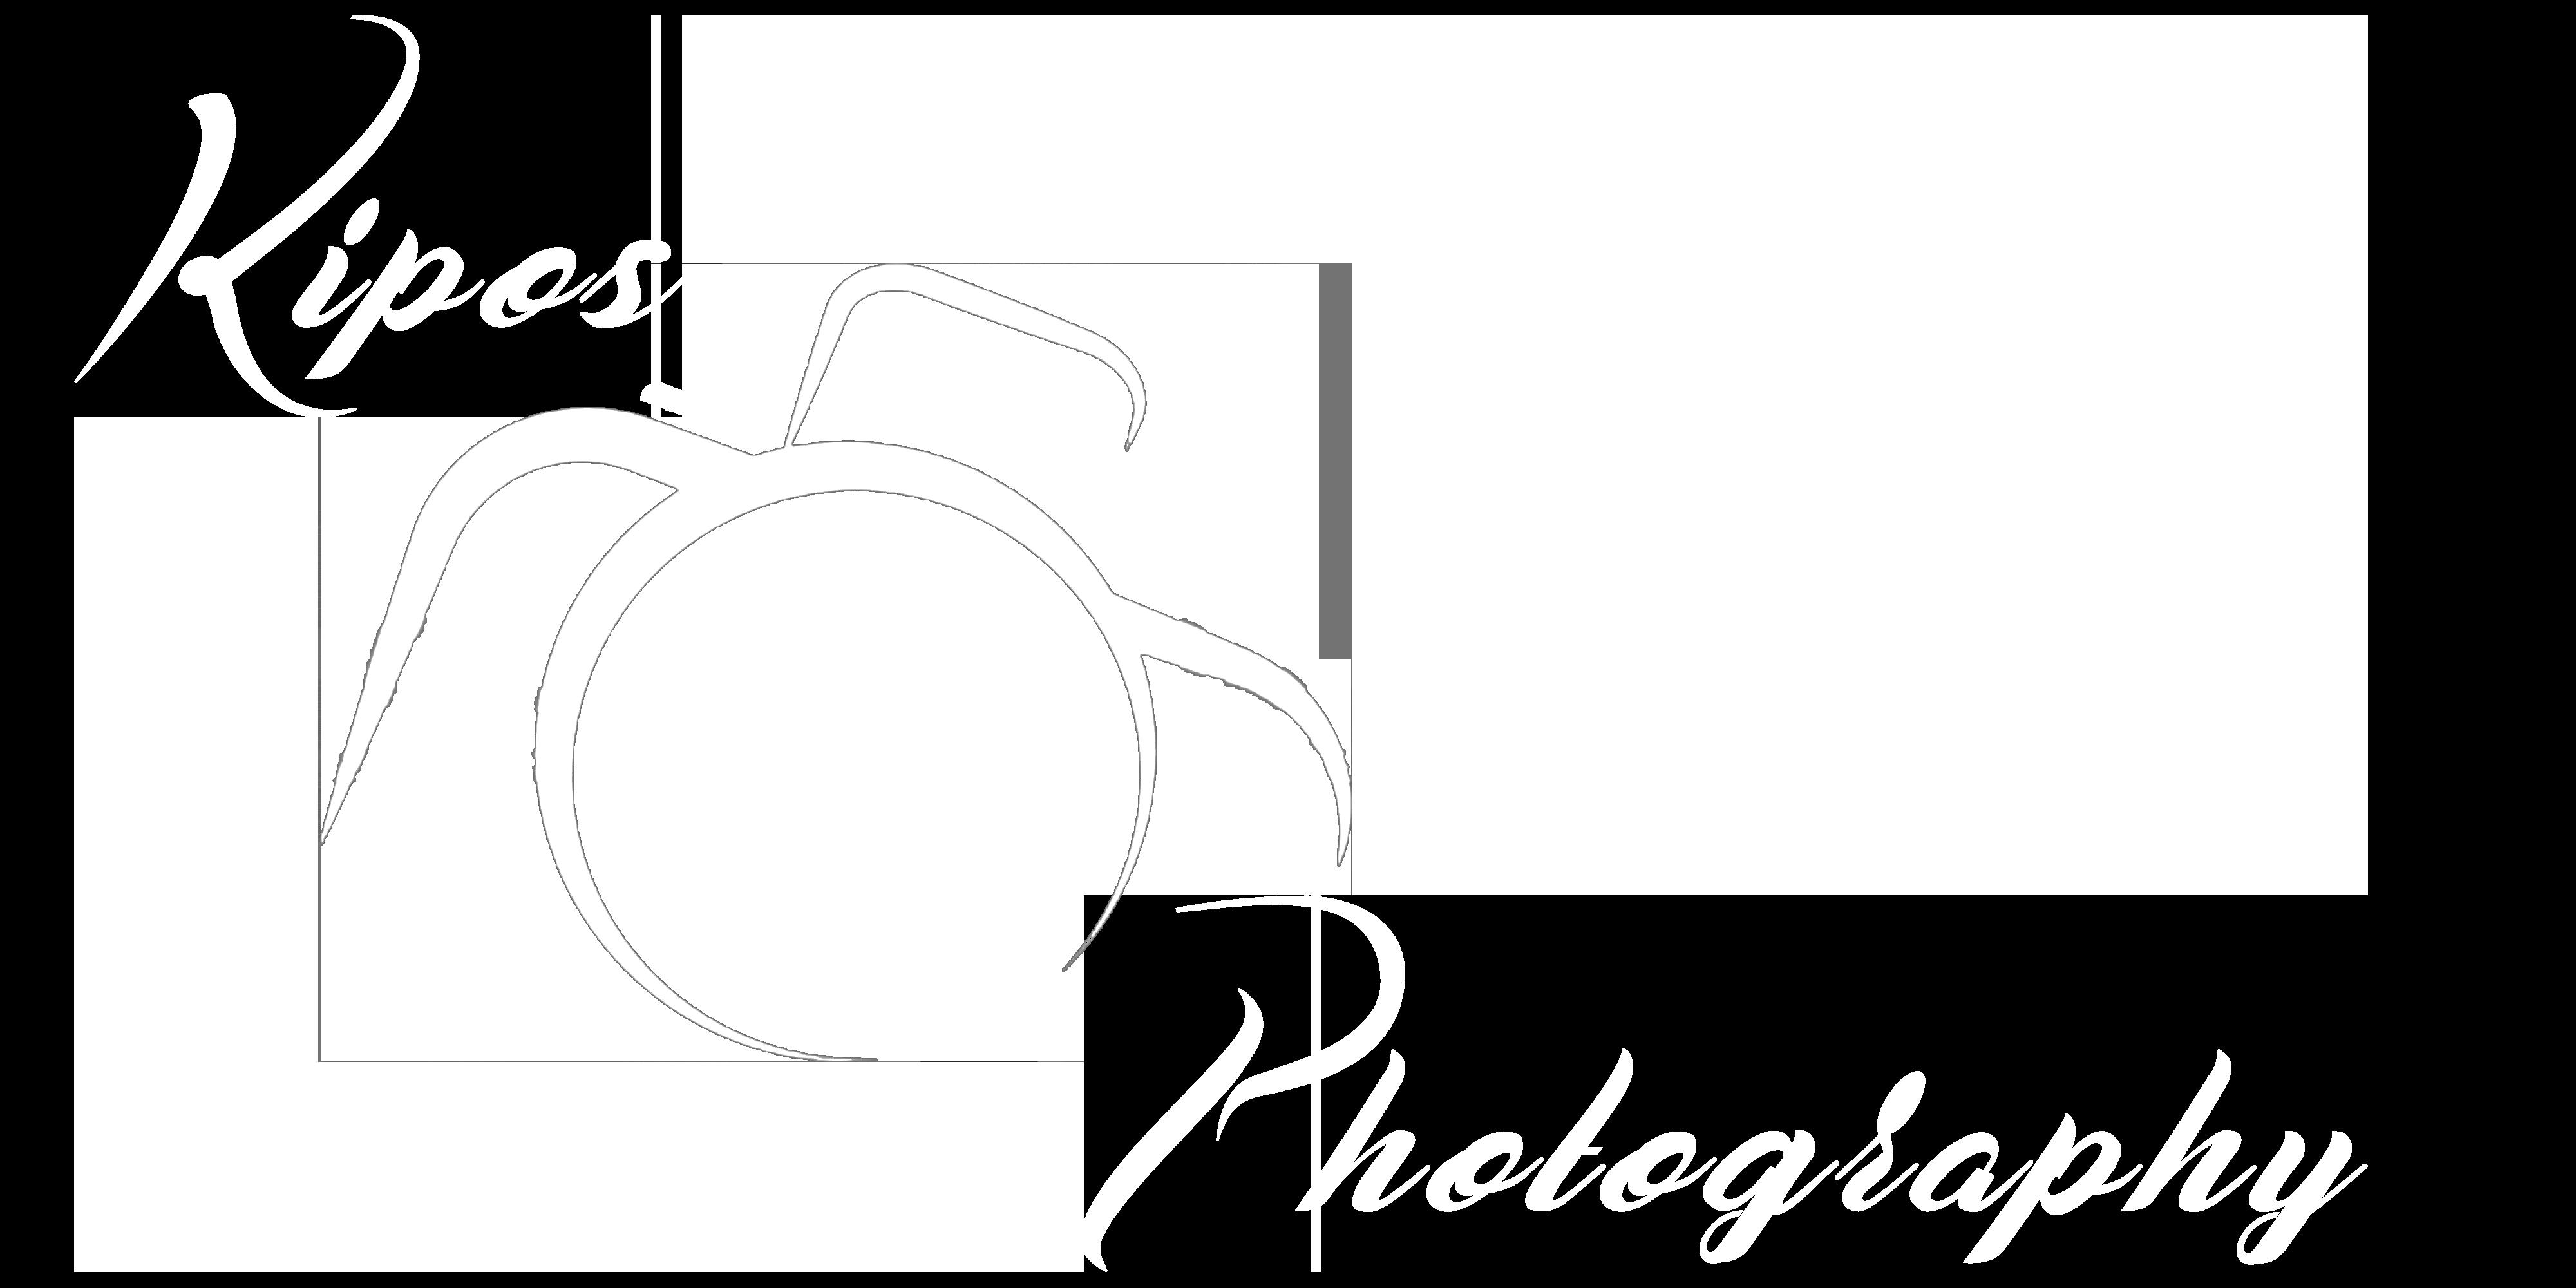 Kipos Photography